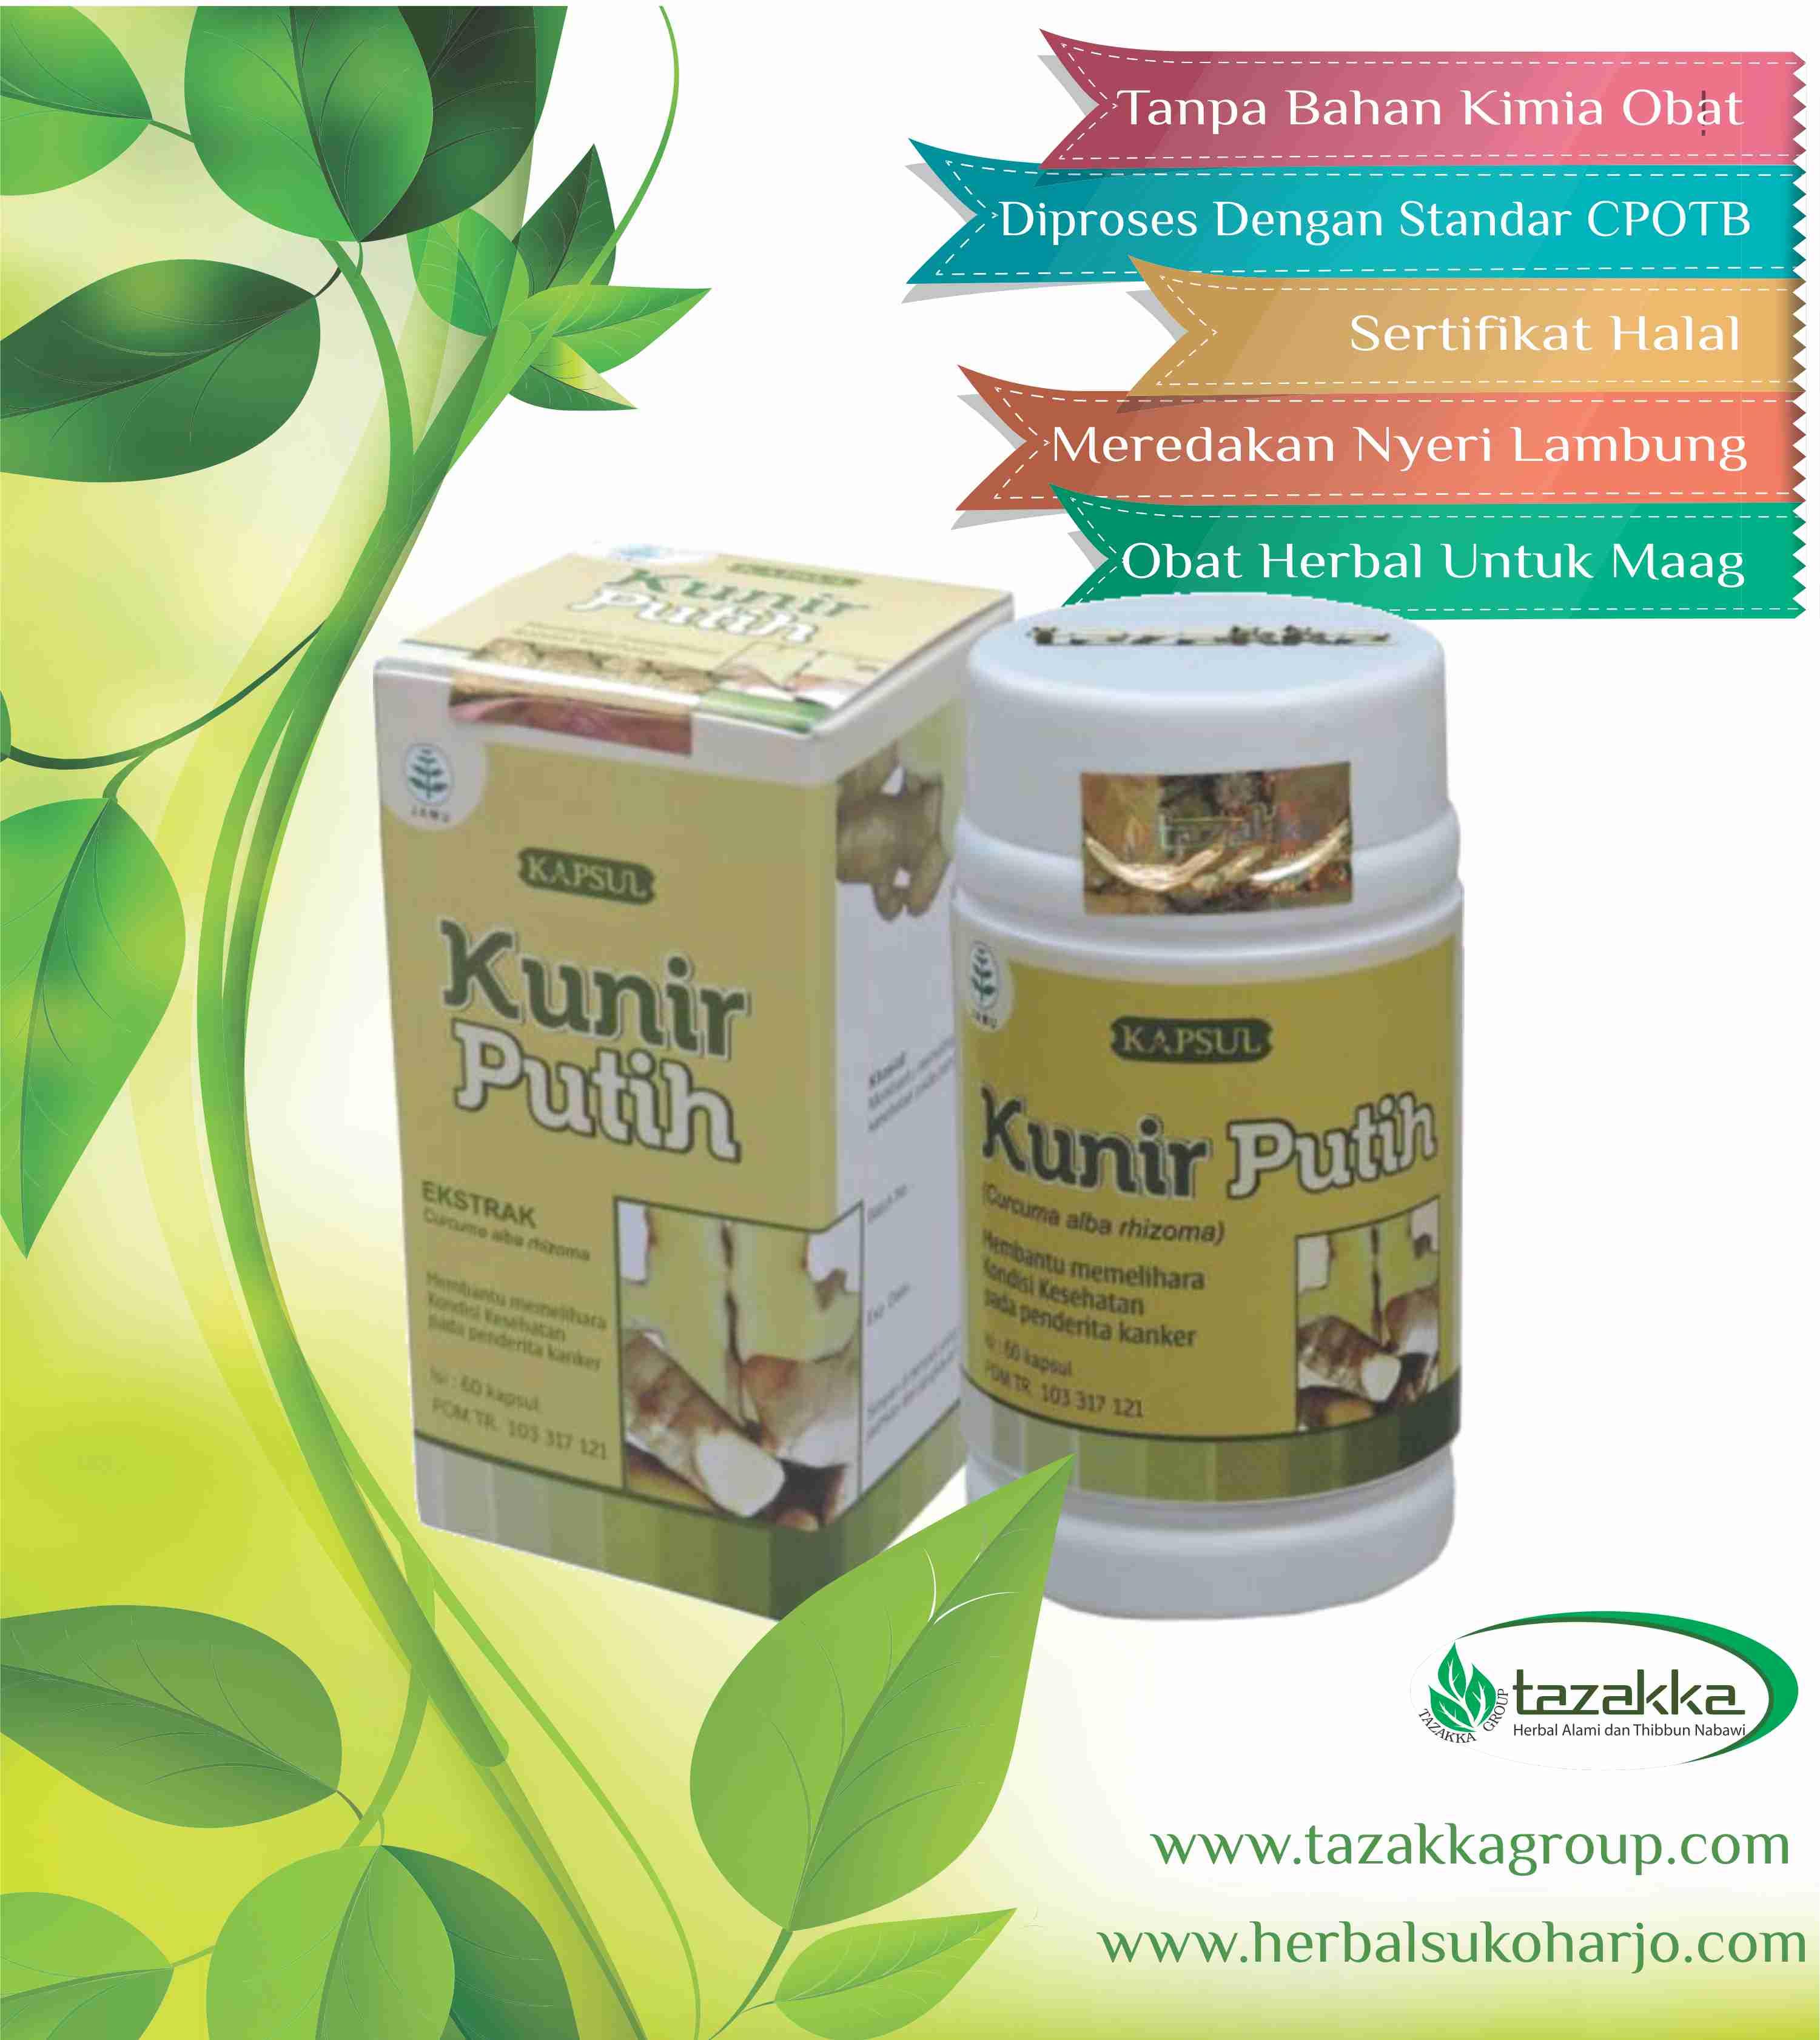 foto gambar Produk obat herbal sukoharjo tazakka yang ampuh mengobati penyakit sakit maag dan asam nyeri lambung yang alami, aman berkhasiat dan kualitasnya terjamin